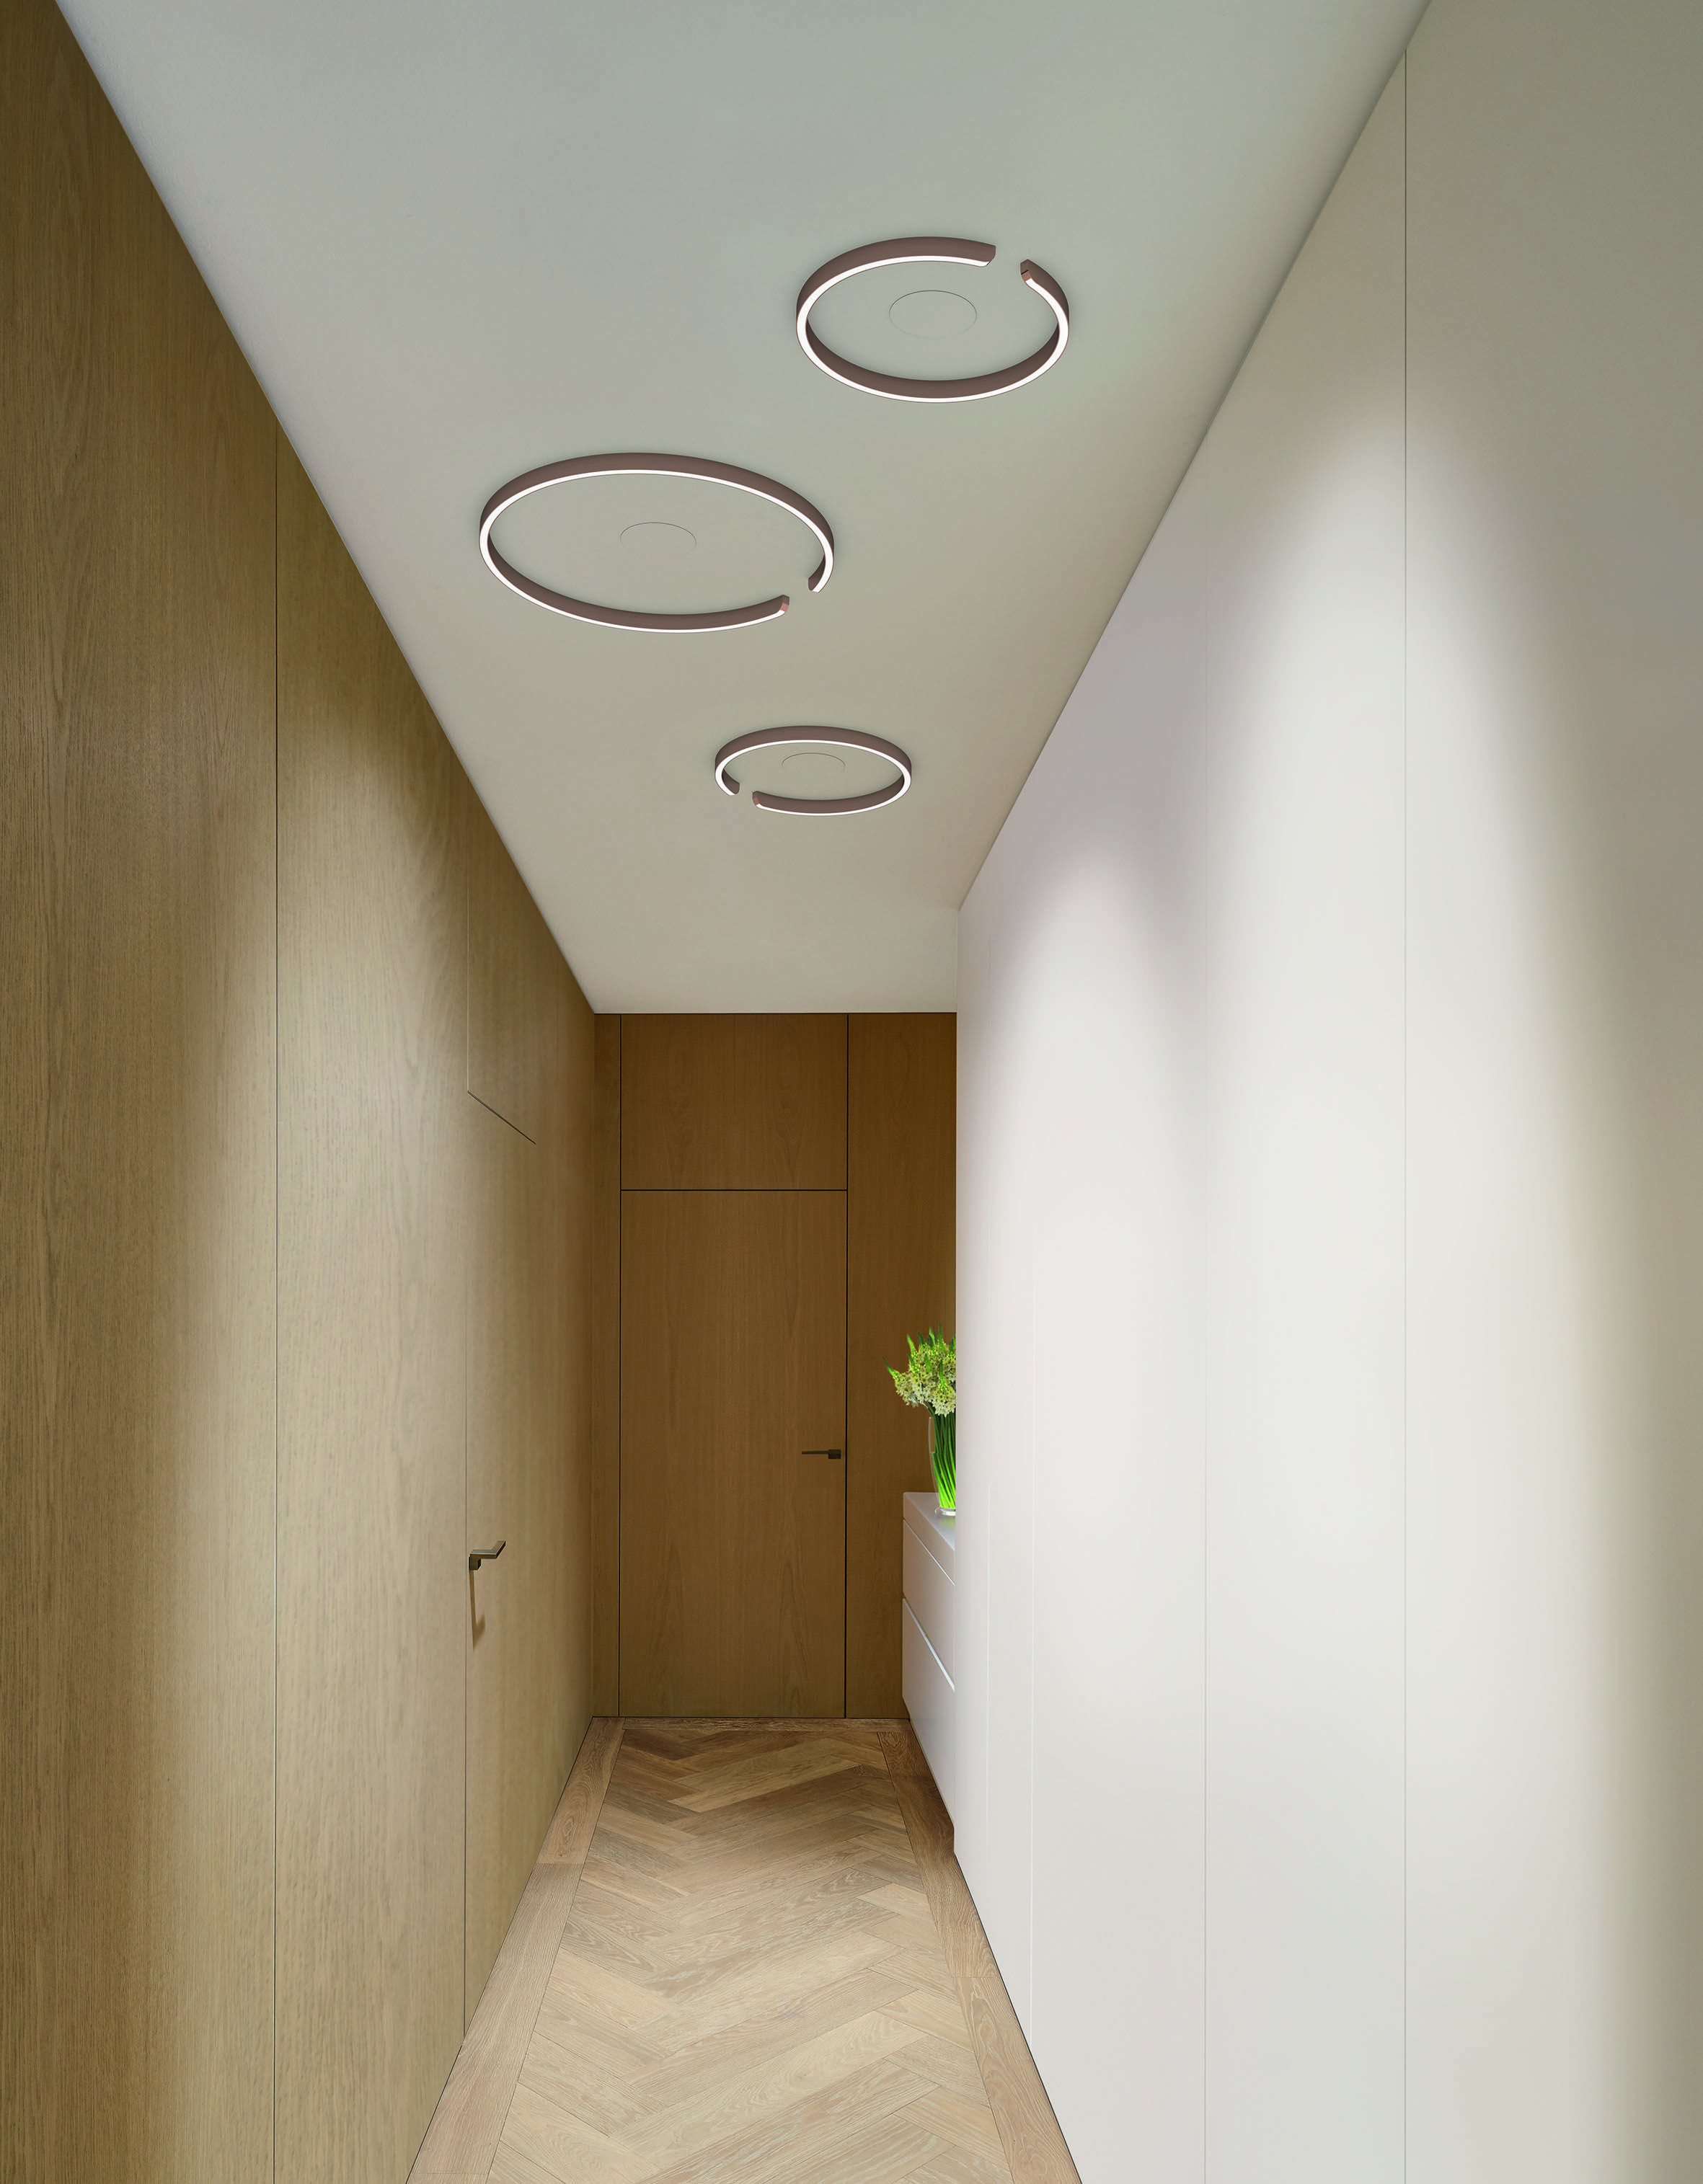 Occhio Mito Led Deckenleuchte Flur Beleuchtung Decke Deckengestaltung Schlafzimmer